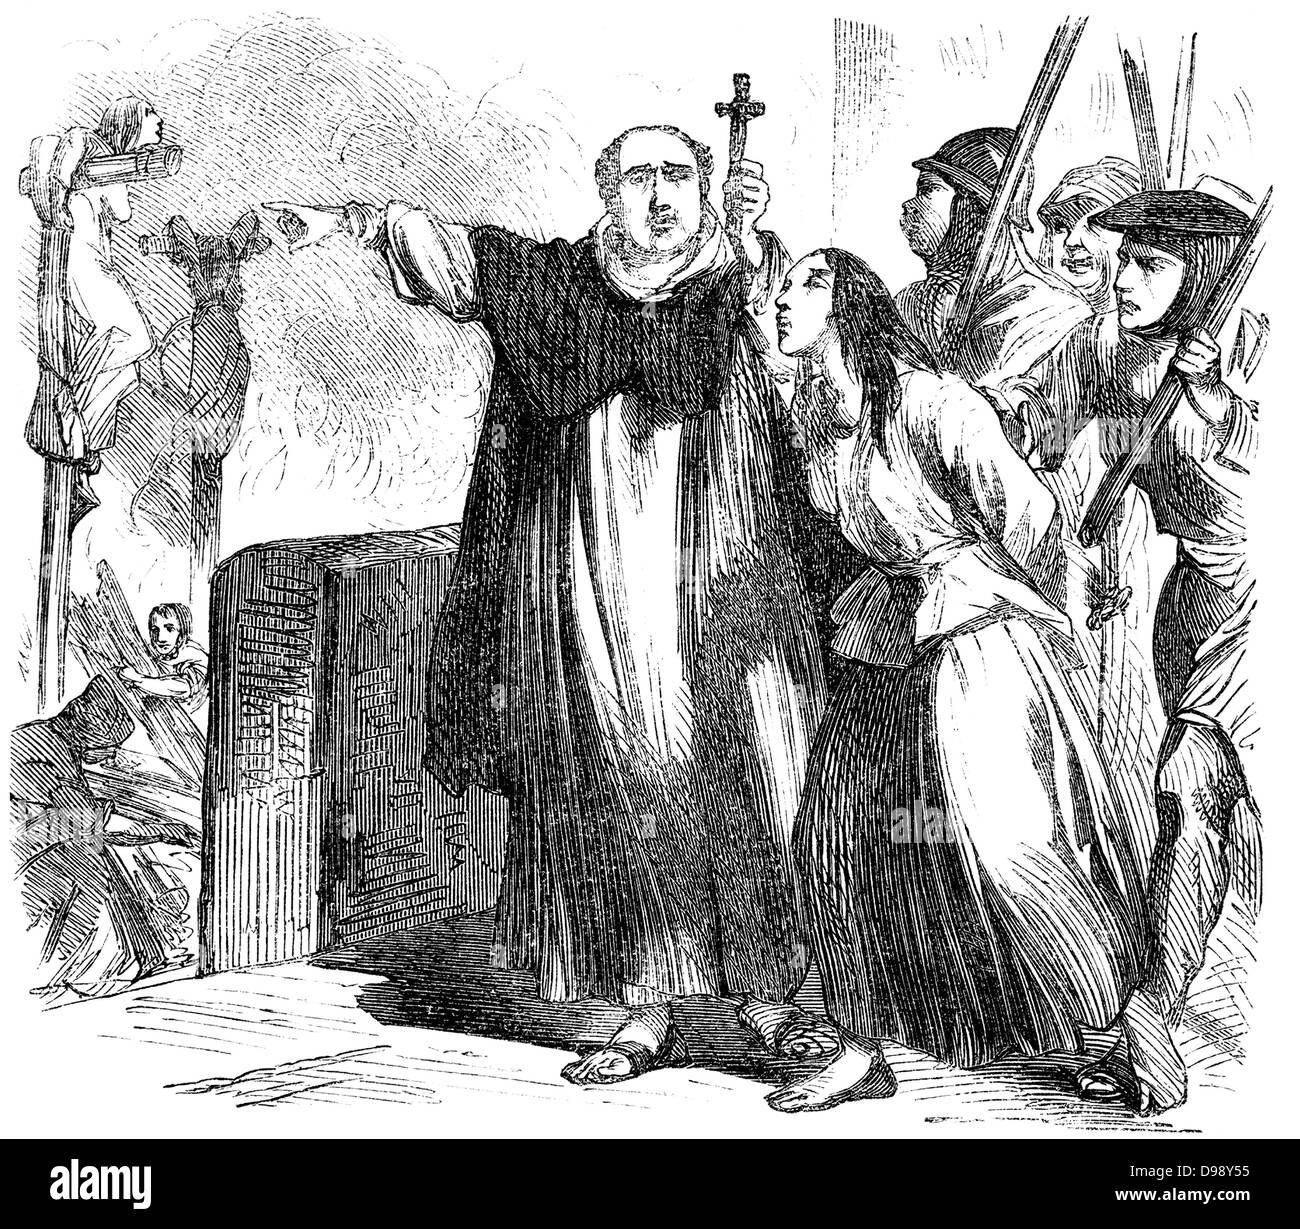 La masterizzazione di Streghe nel medioevo, persone immagine dal xix secolo, 1864, Germania, Europa Immagini Stock